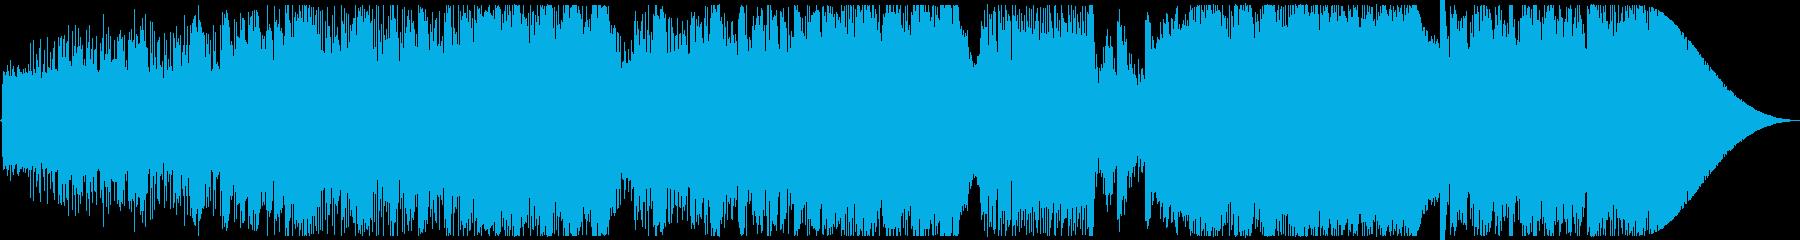 フィーリンの再生済みの波形